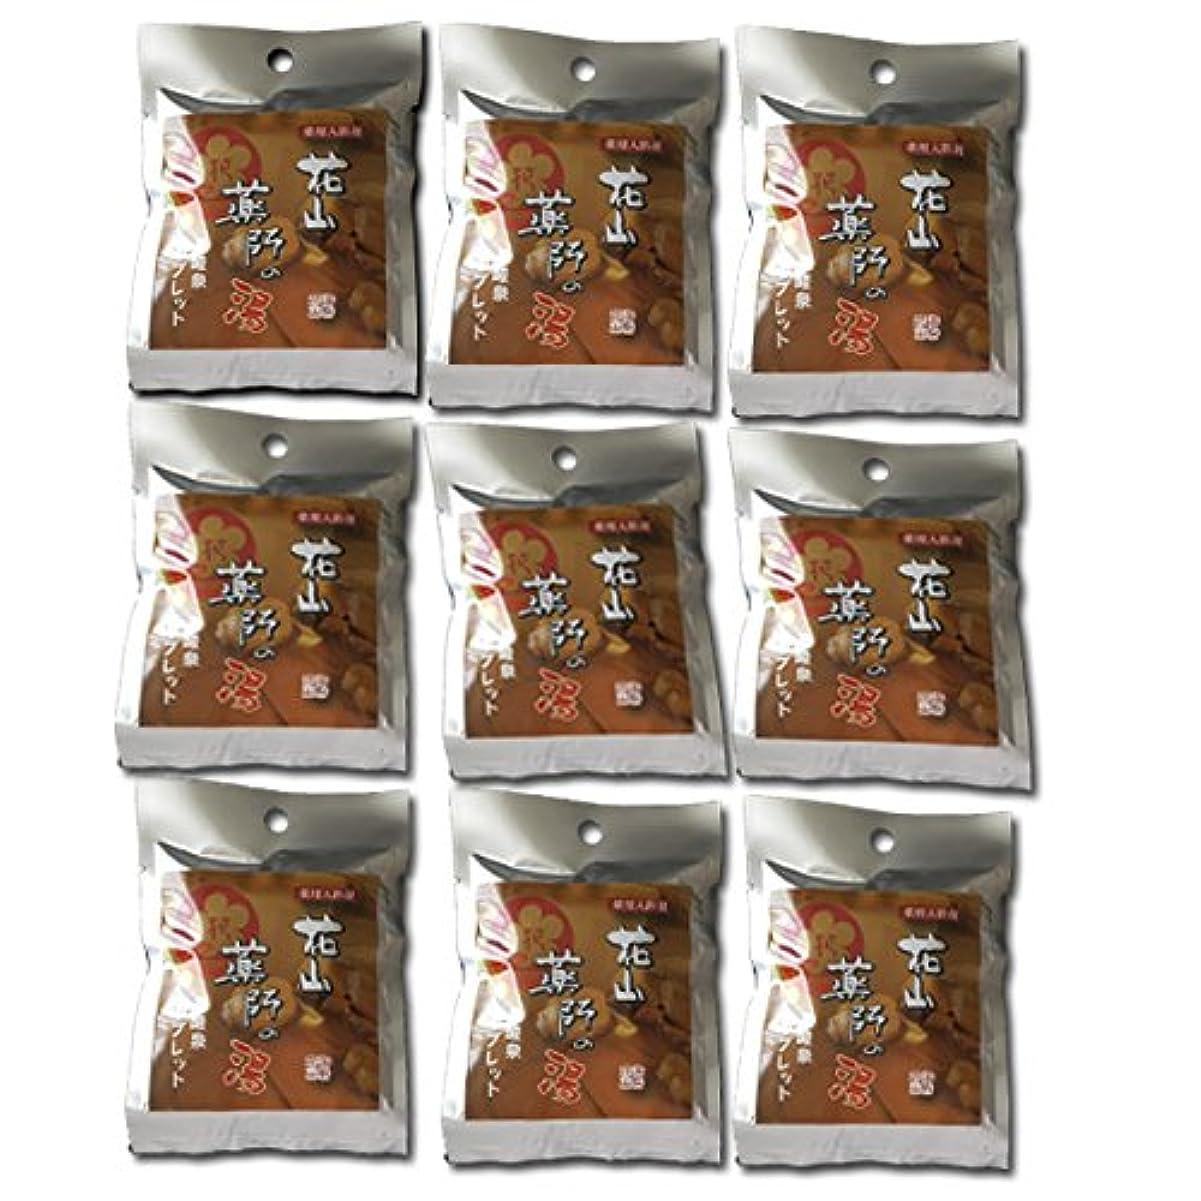 彫刻家作曲家解説入浴剤 炭酸泉 和歌山 花山温泉の温泉分析値を元に配合して作られたタブレット9個 薬用